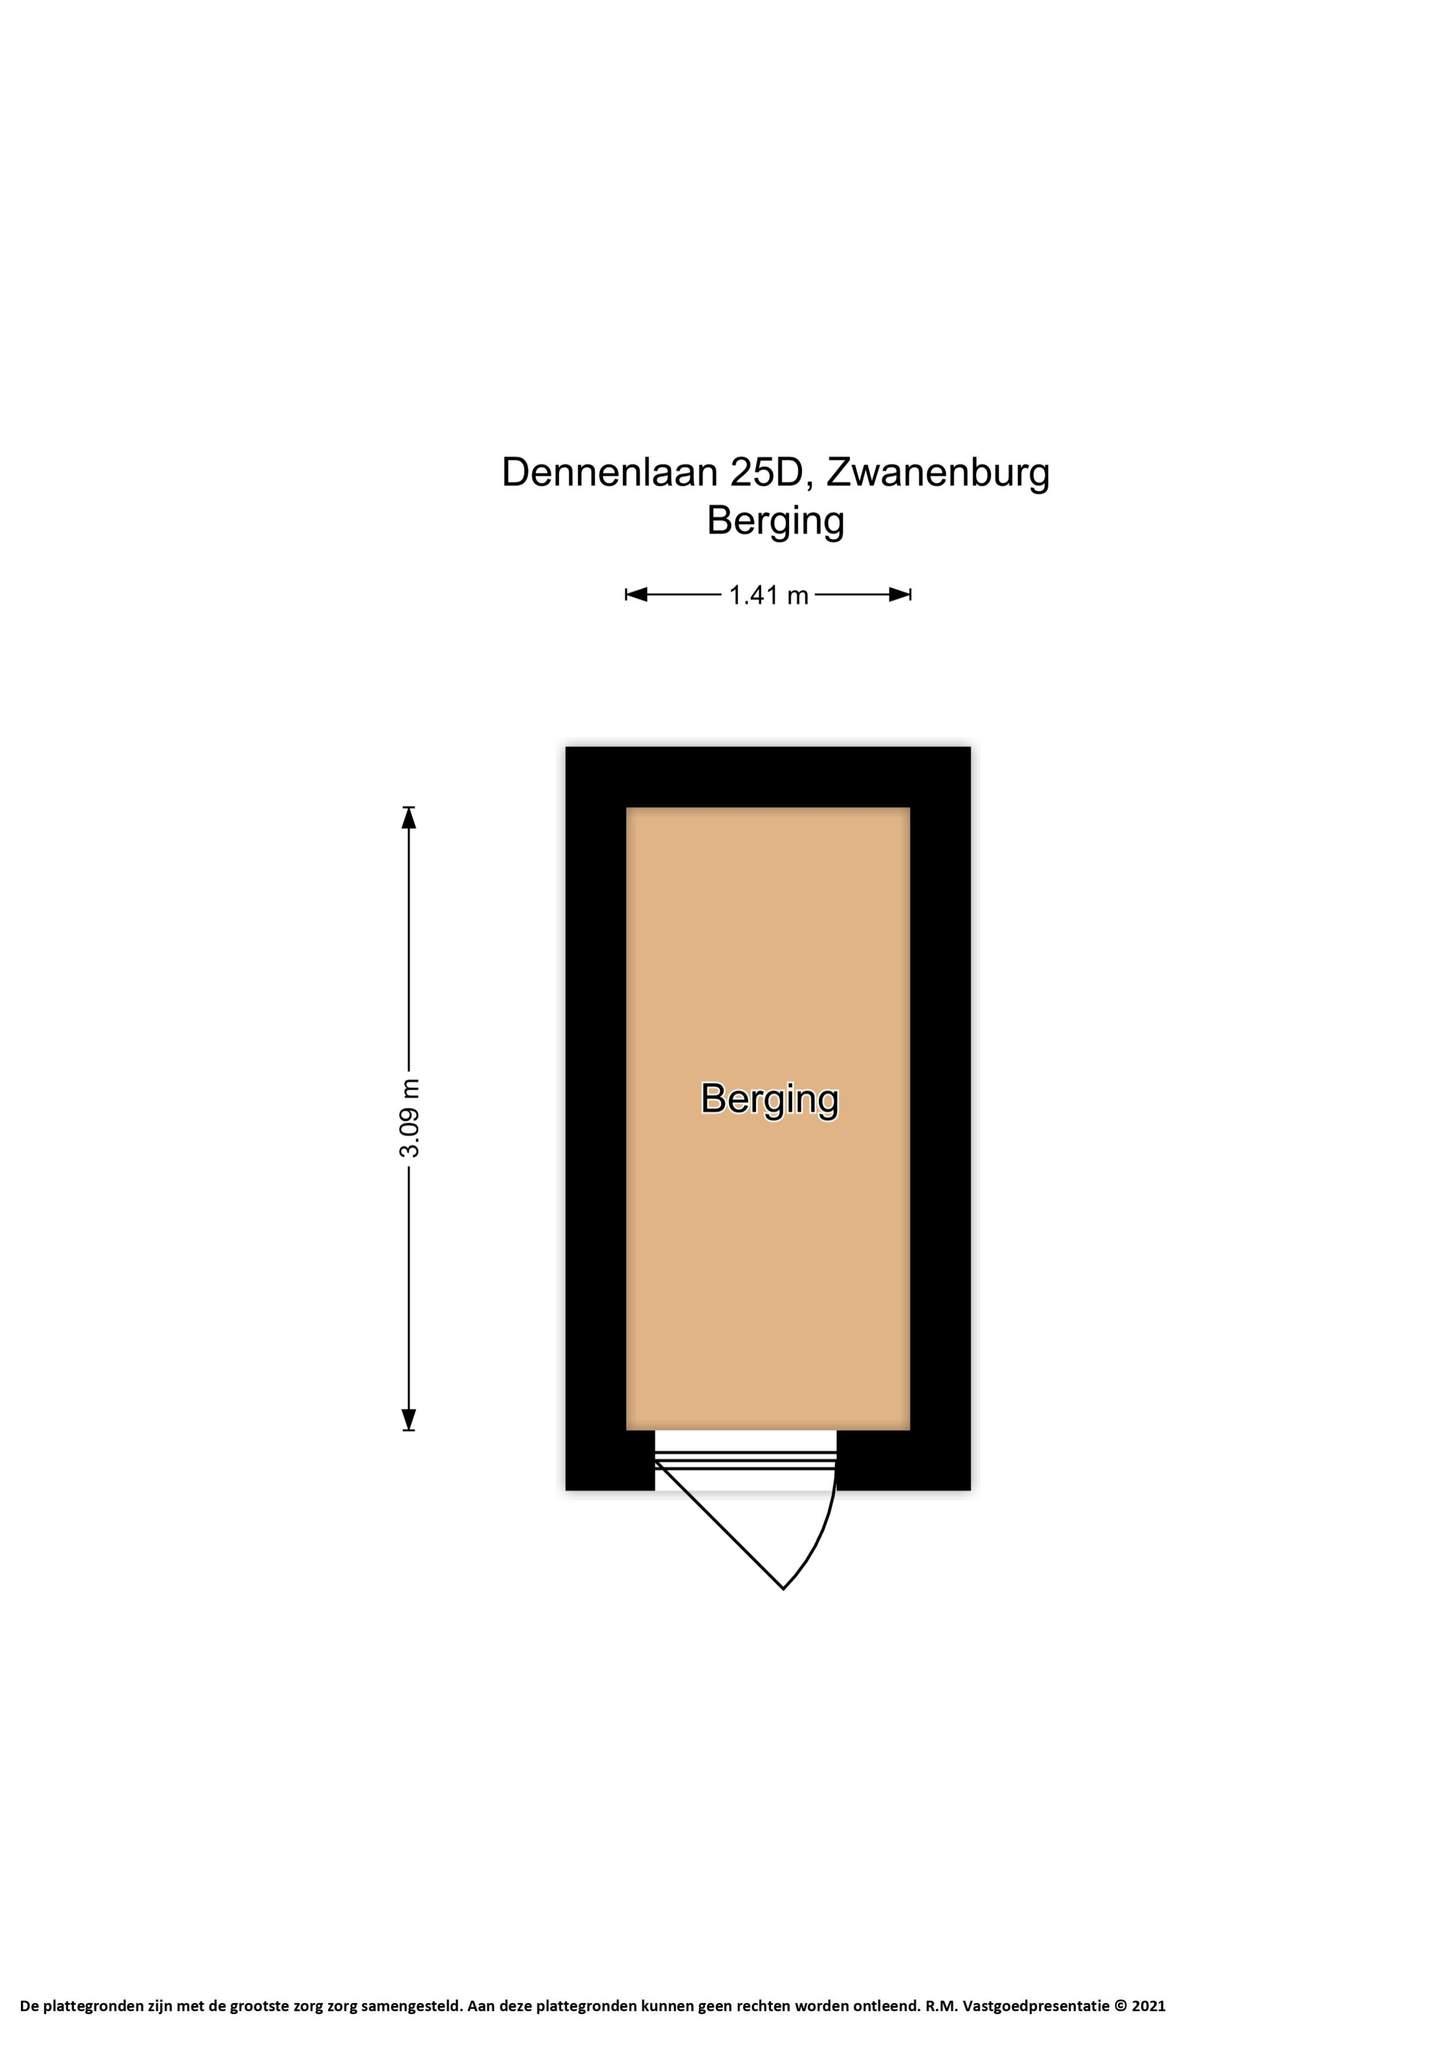 Dennenlaan 25 D